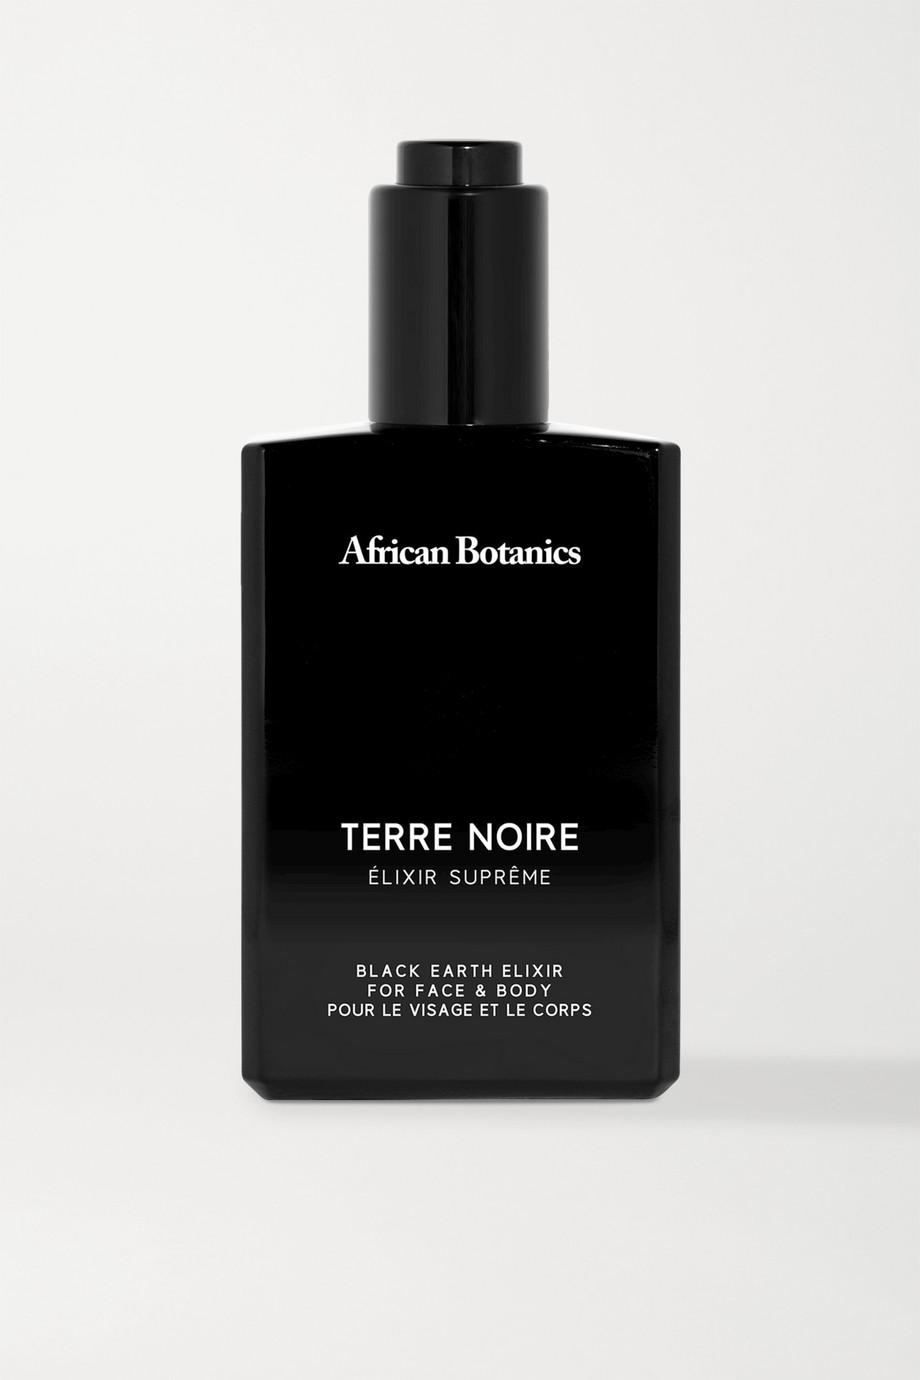 African Botanics 黑土面部身体滋养精华油,100ml